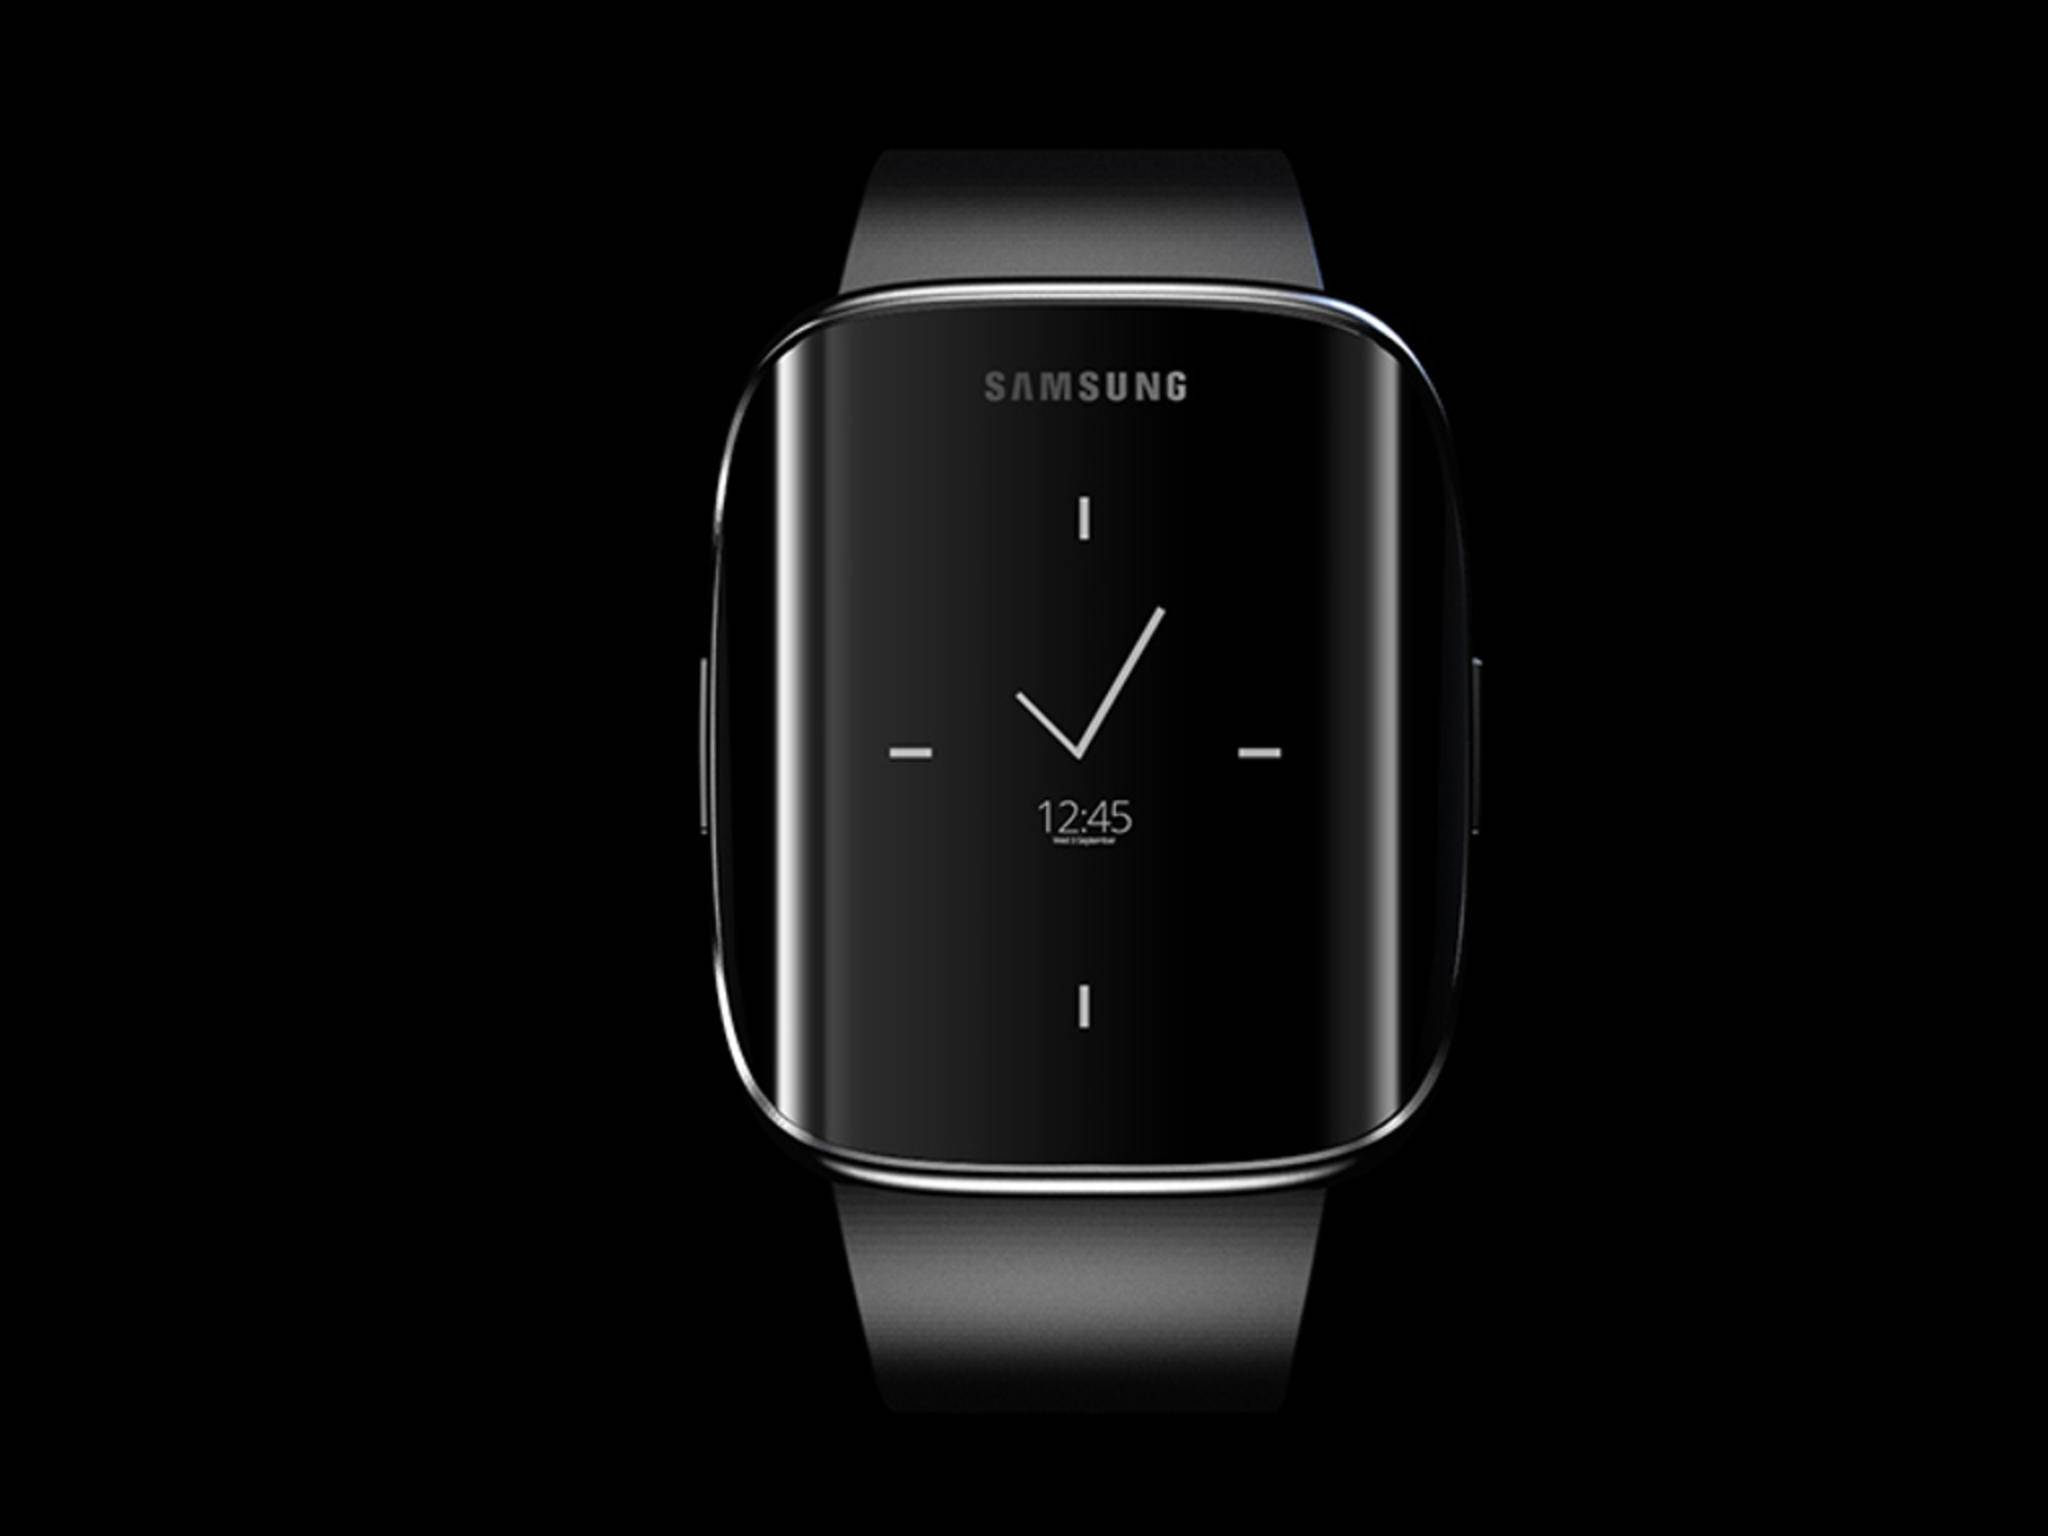 Ziemlich schick: Konzept einer Samsung-Smartwatch mit Edge-Display.